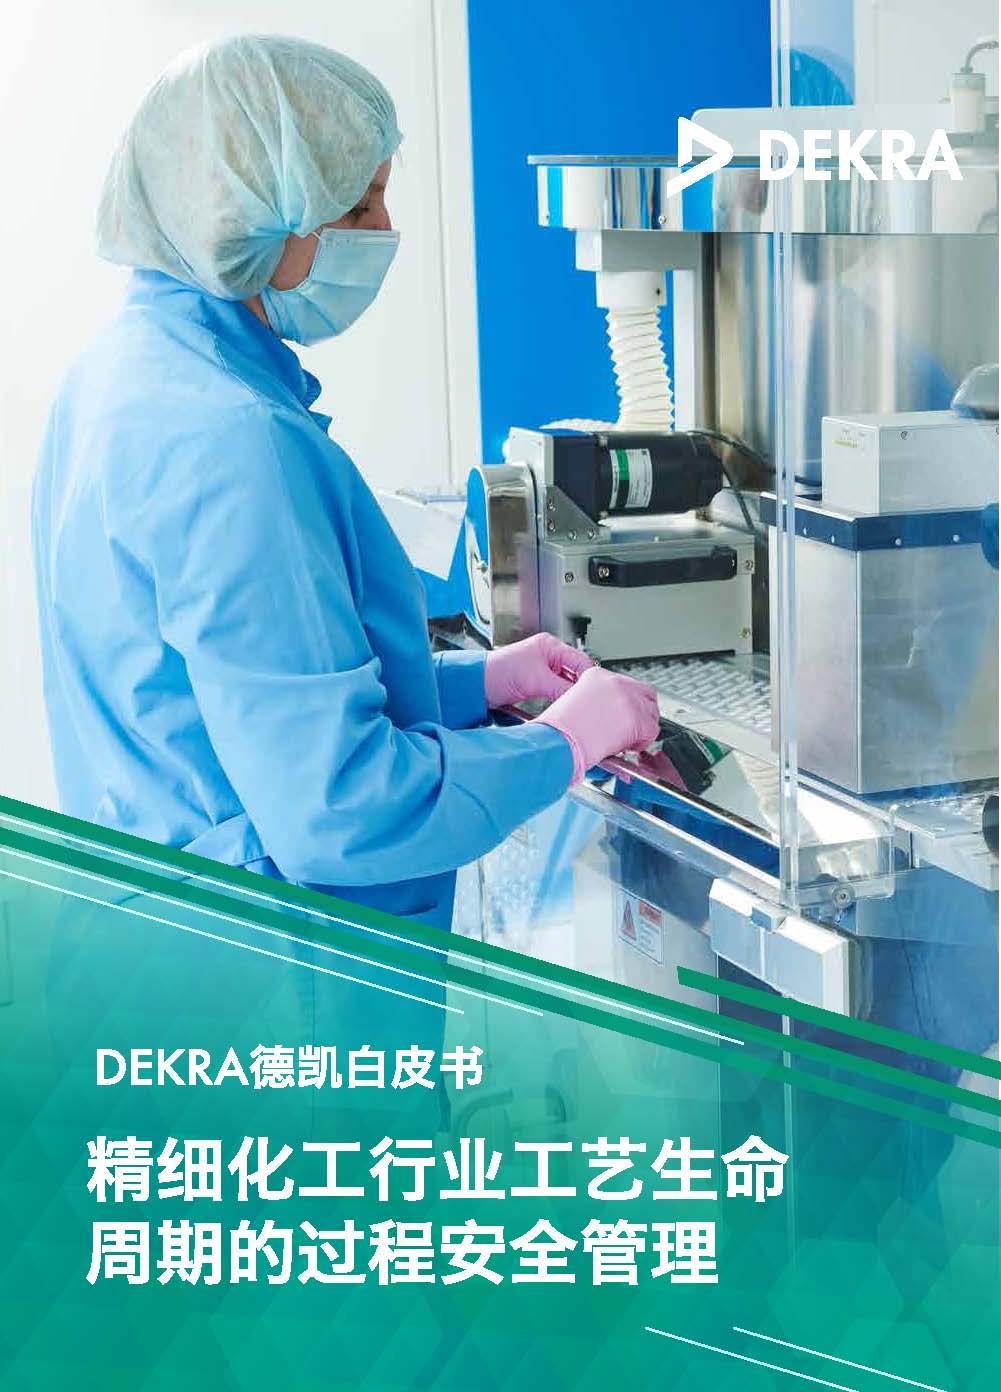 页面提取自-DEKRA德凯白皮书:精细化工行业工艺生命周期的过程安全.jpg